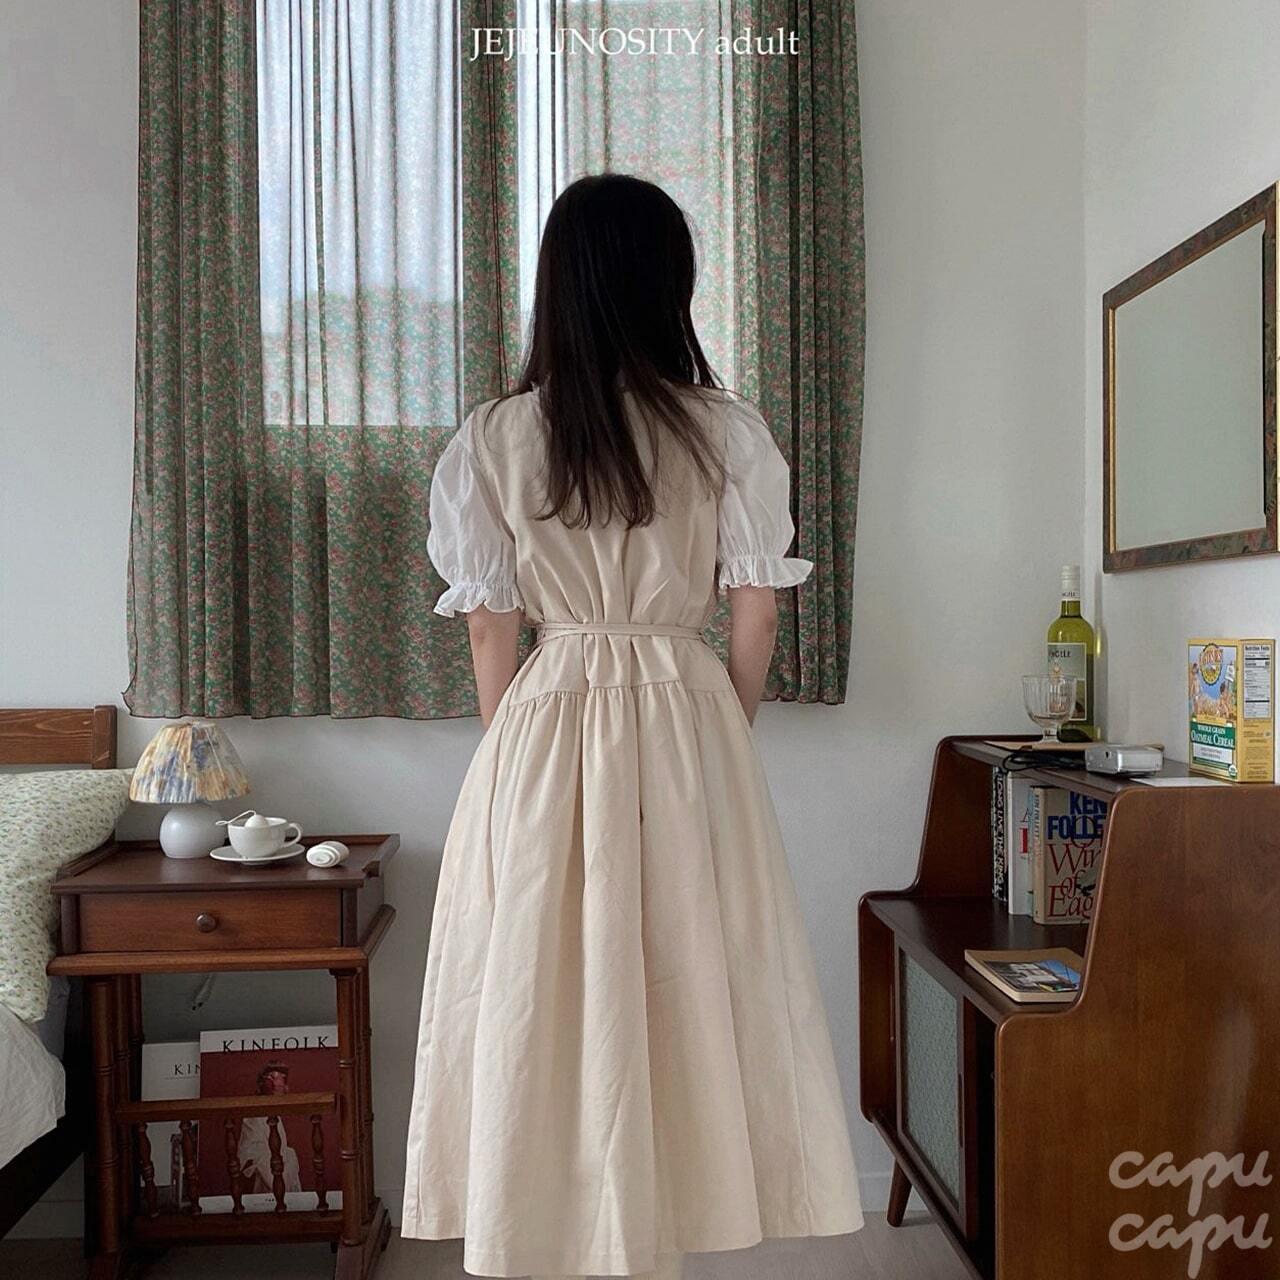 «予約»«LADIES» jejeunosity shirt one piece シャツワンピース